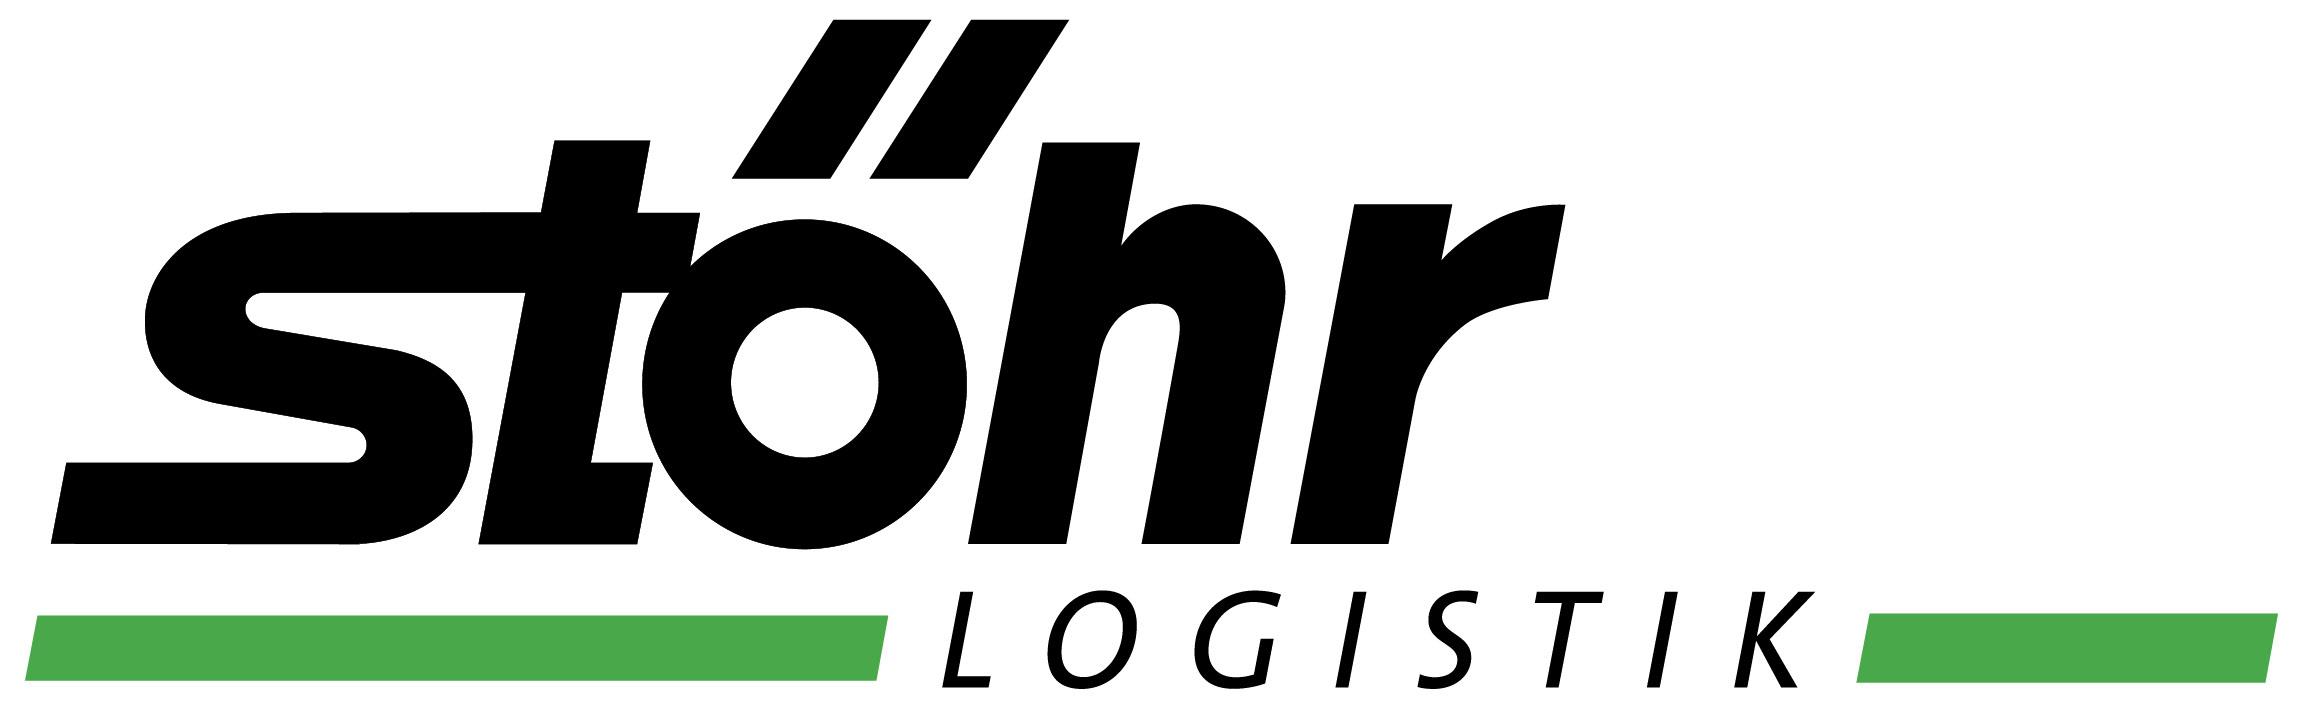 Logo Spedition Stöhr